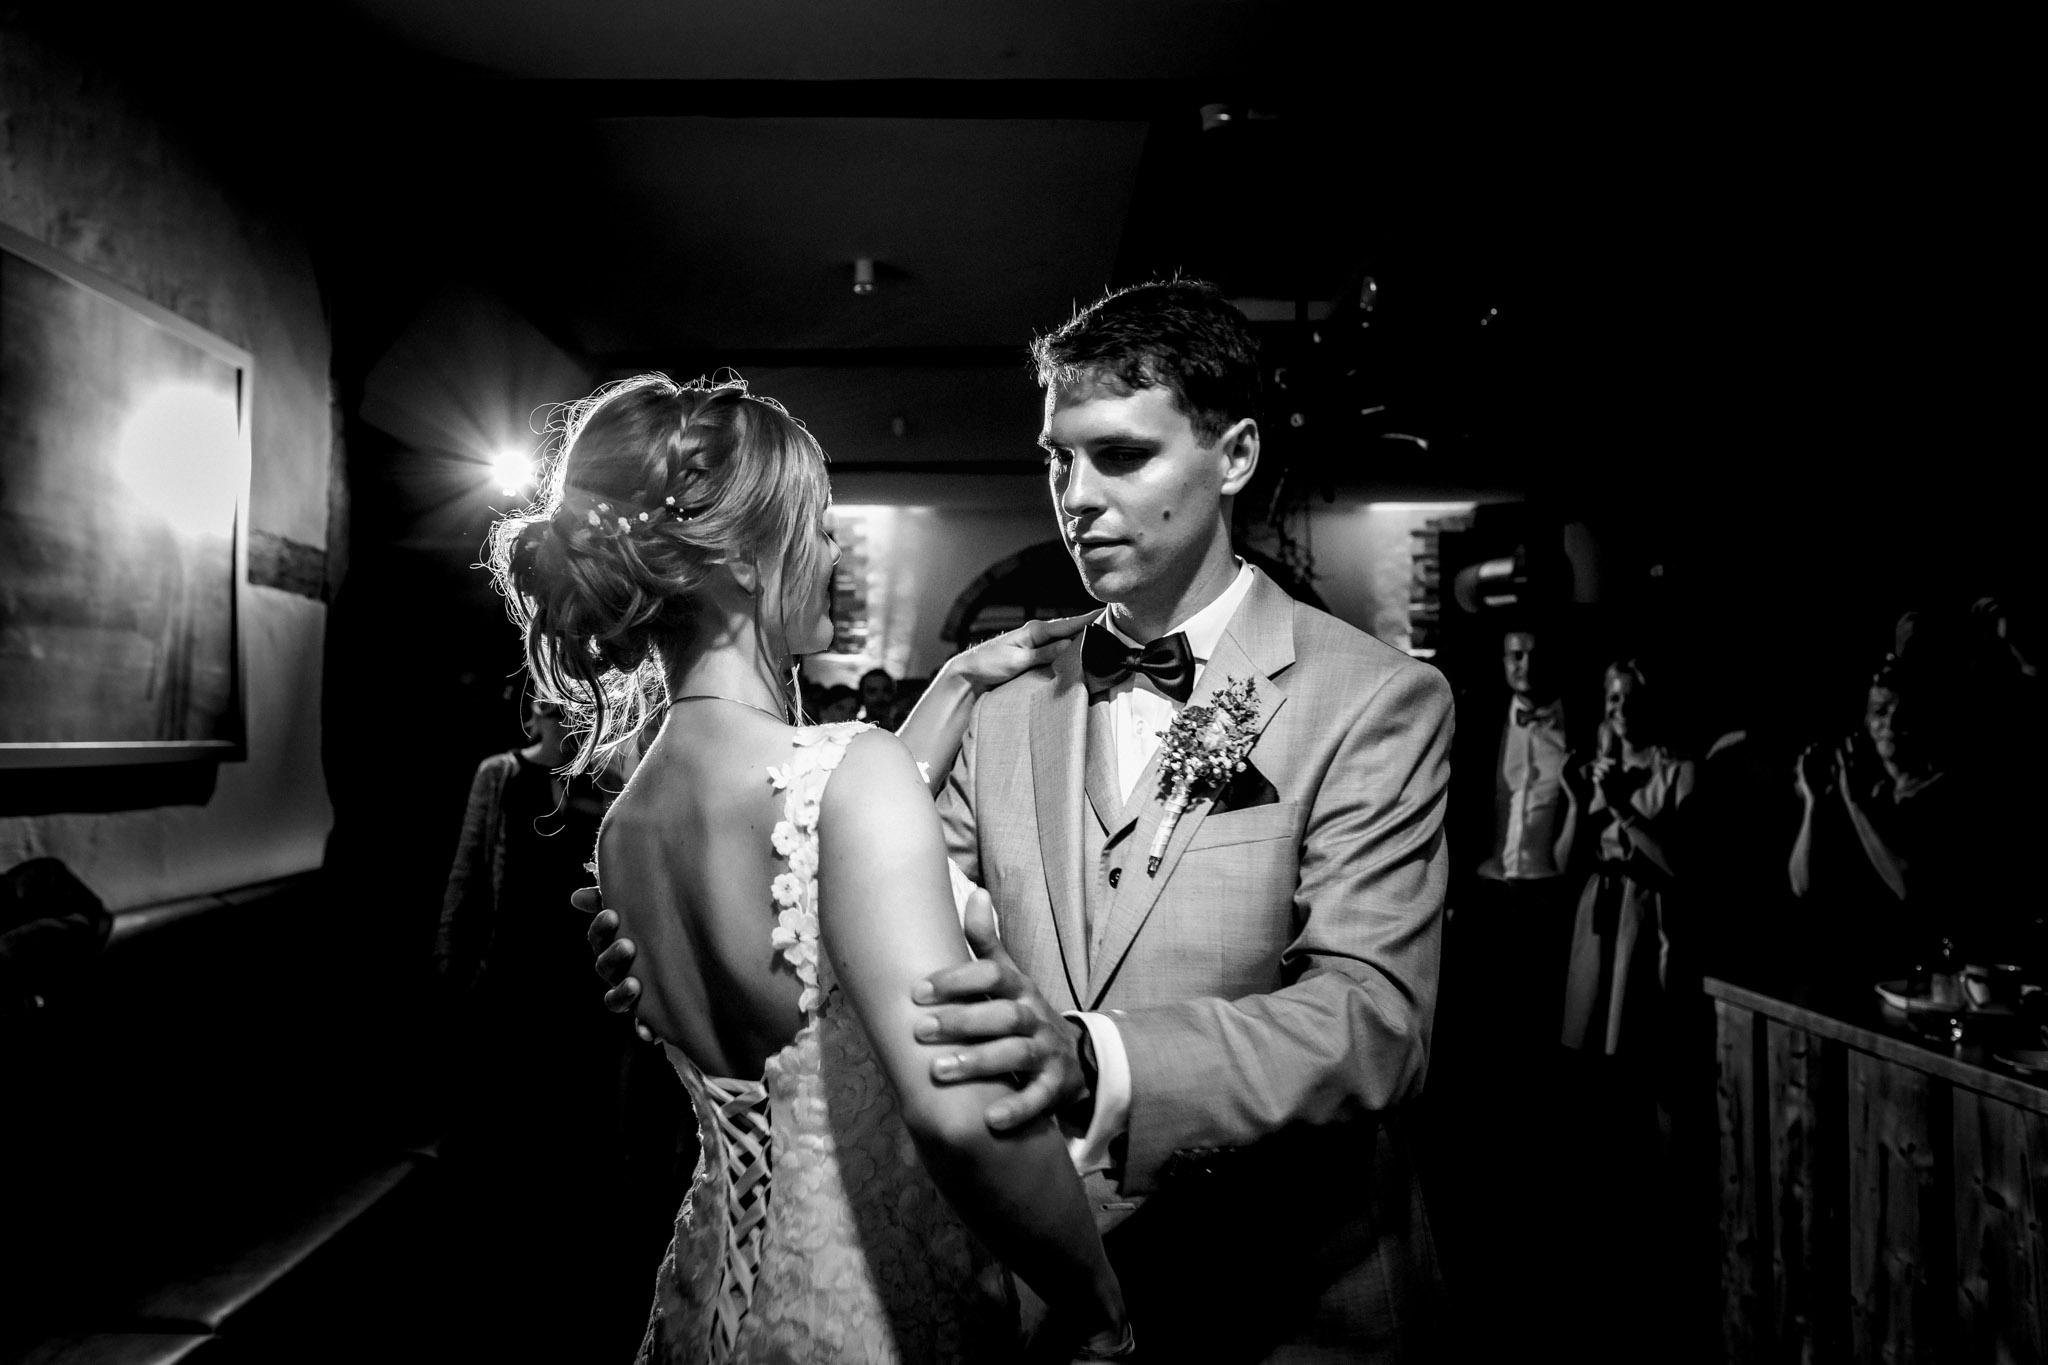 Sven Schomburg Hochzeitsfotografie, Hamburg, Mölln, Hochzeitsfieber by Photo-Schomburg, Hochzeitsreportage, Forsthaus Waldhusen, Braut, Bräutigam-90